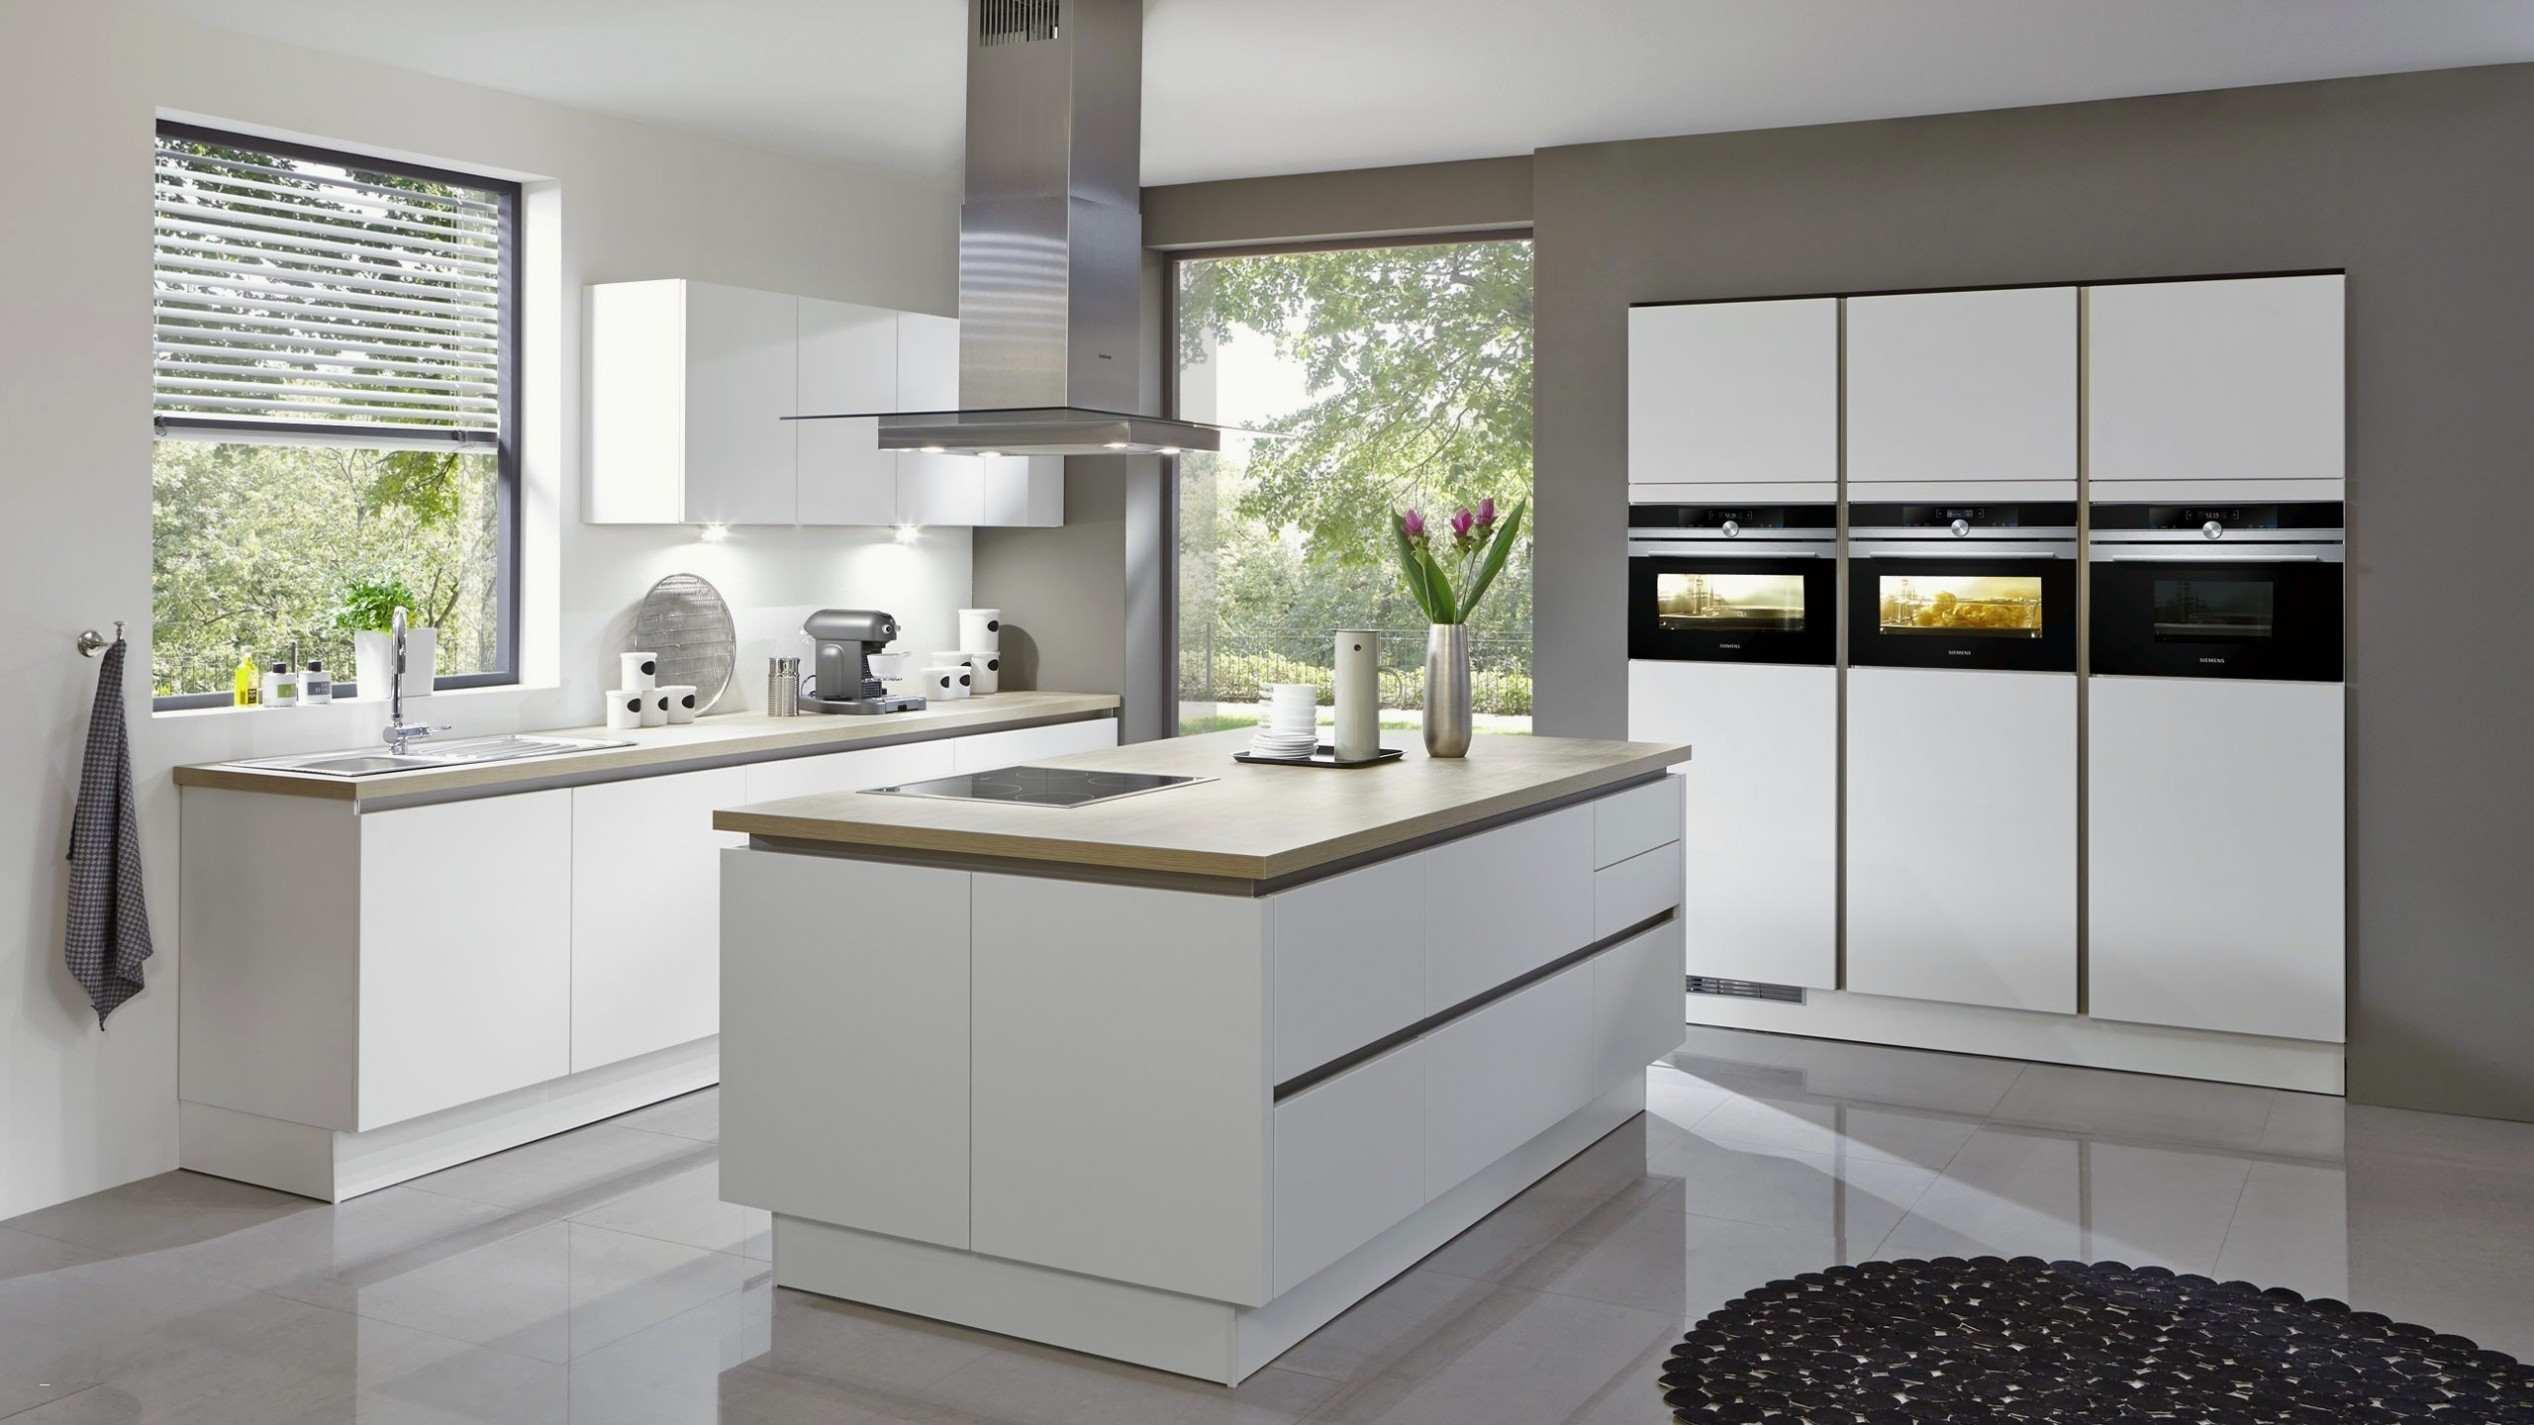 Full Size of Billige Küche Rezepte Mischbatterie Küche Billig Hochglanz Küche Billig Nobilia Küche Billig Küche Küche Billig